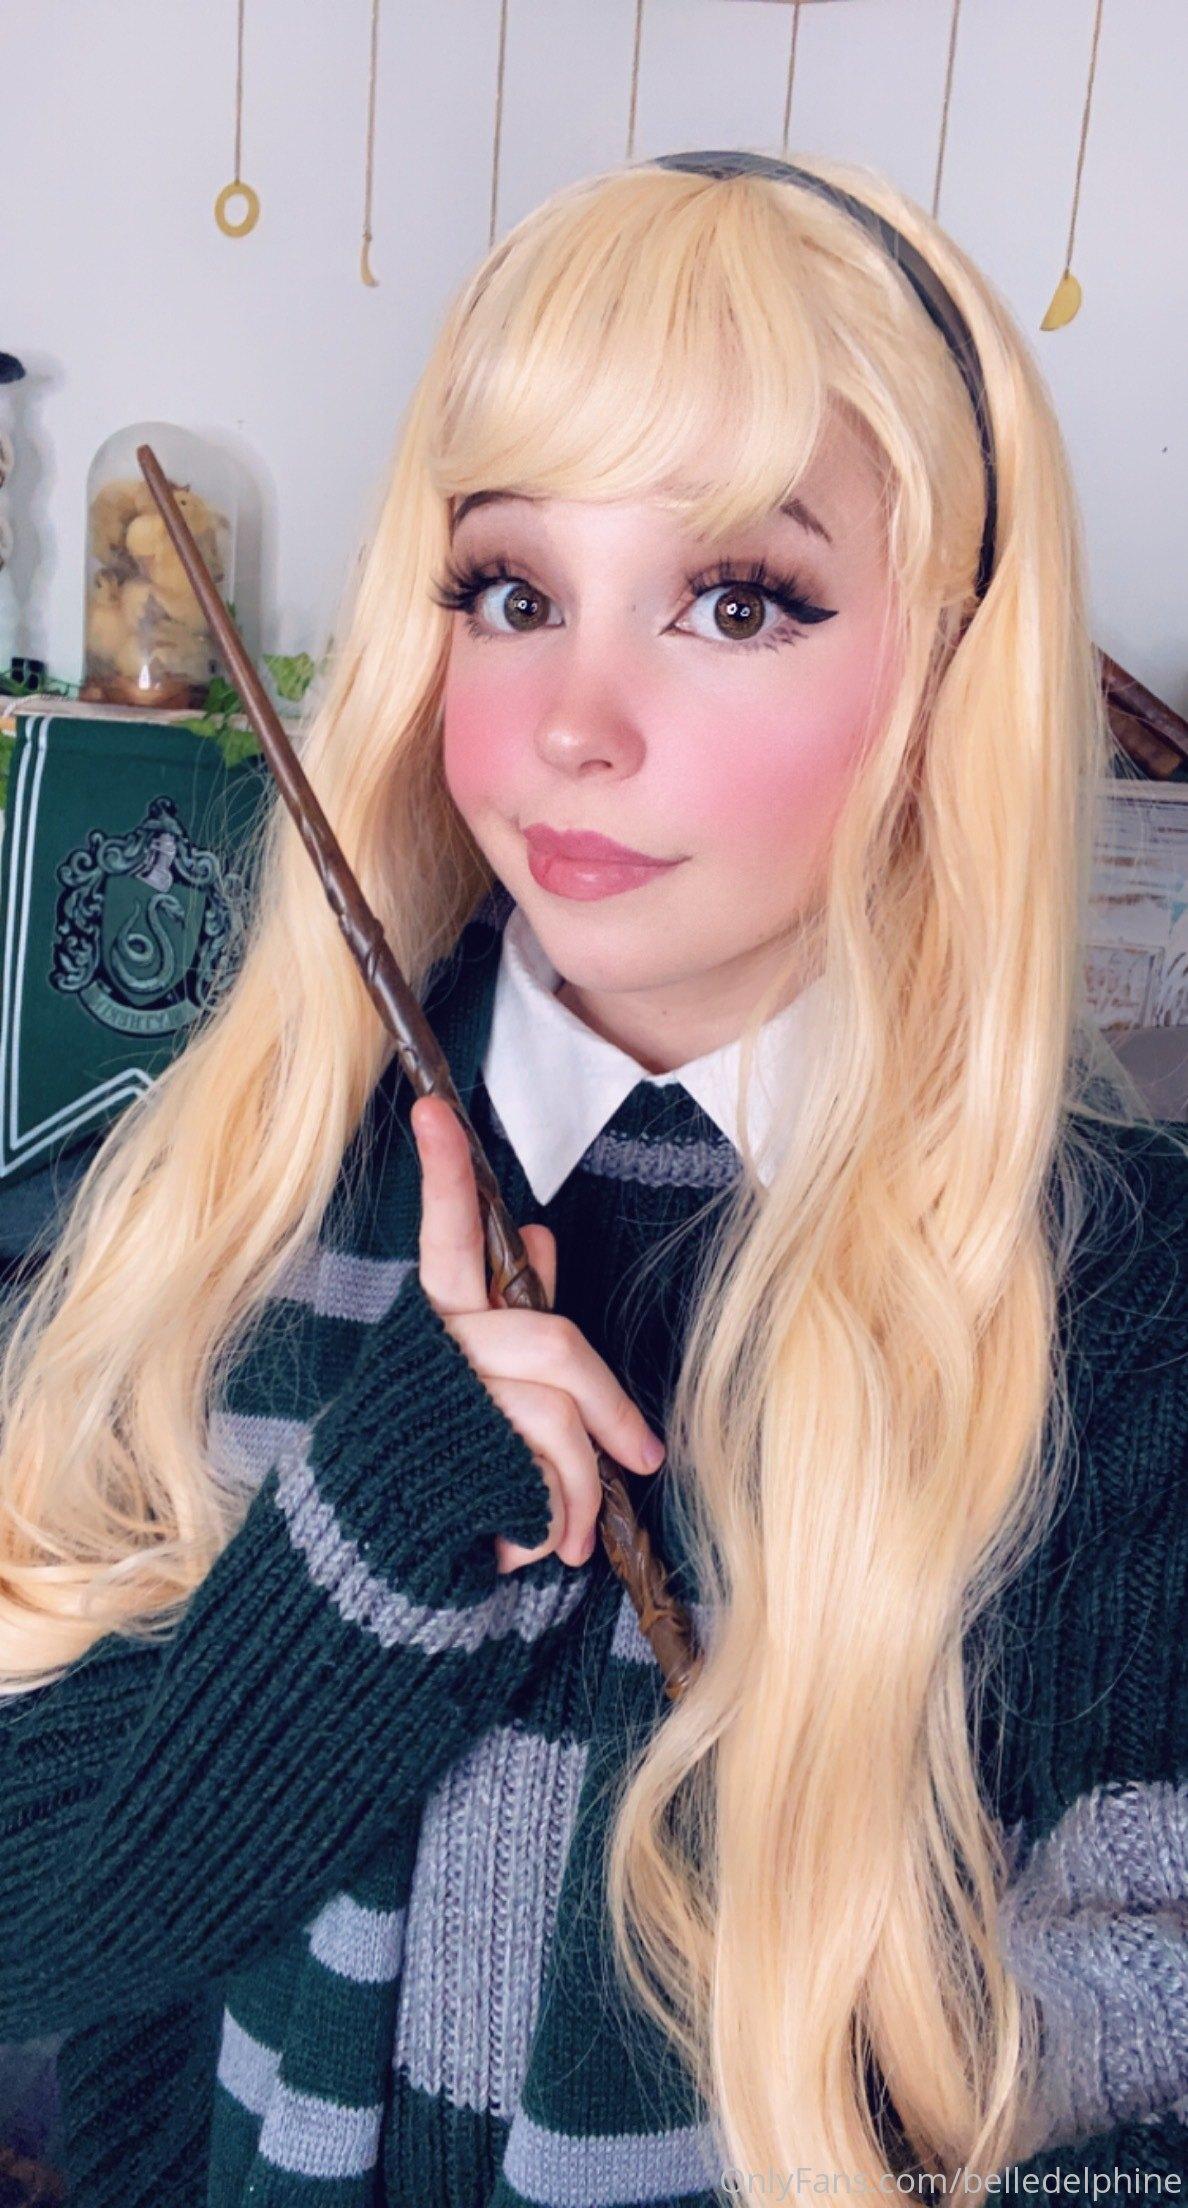 Belle Delphine Hogwarts Student Set 0022